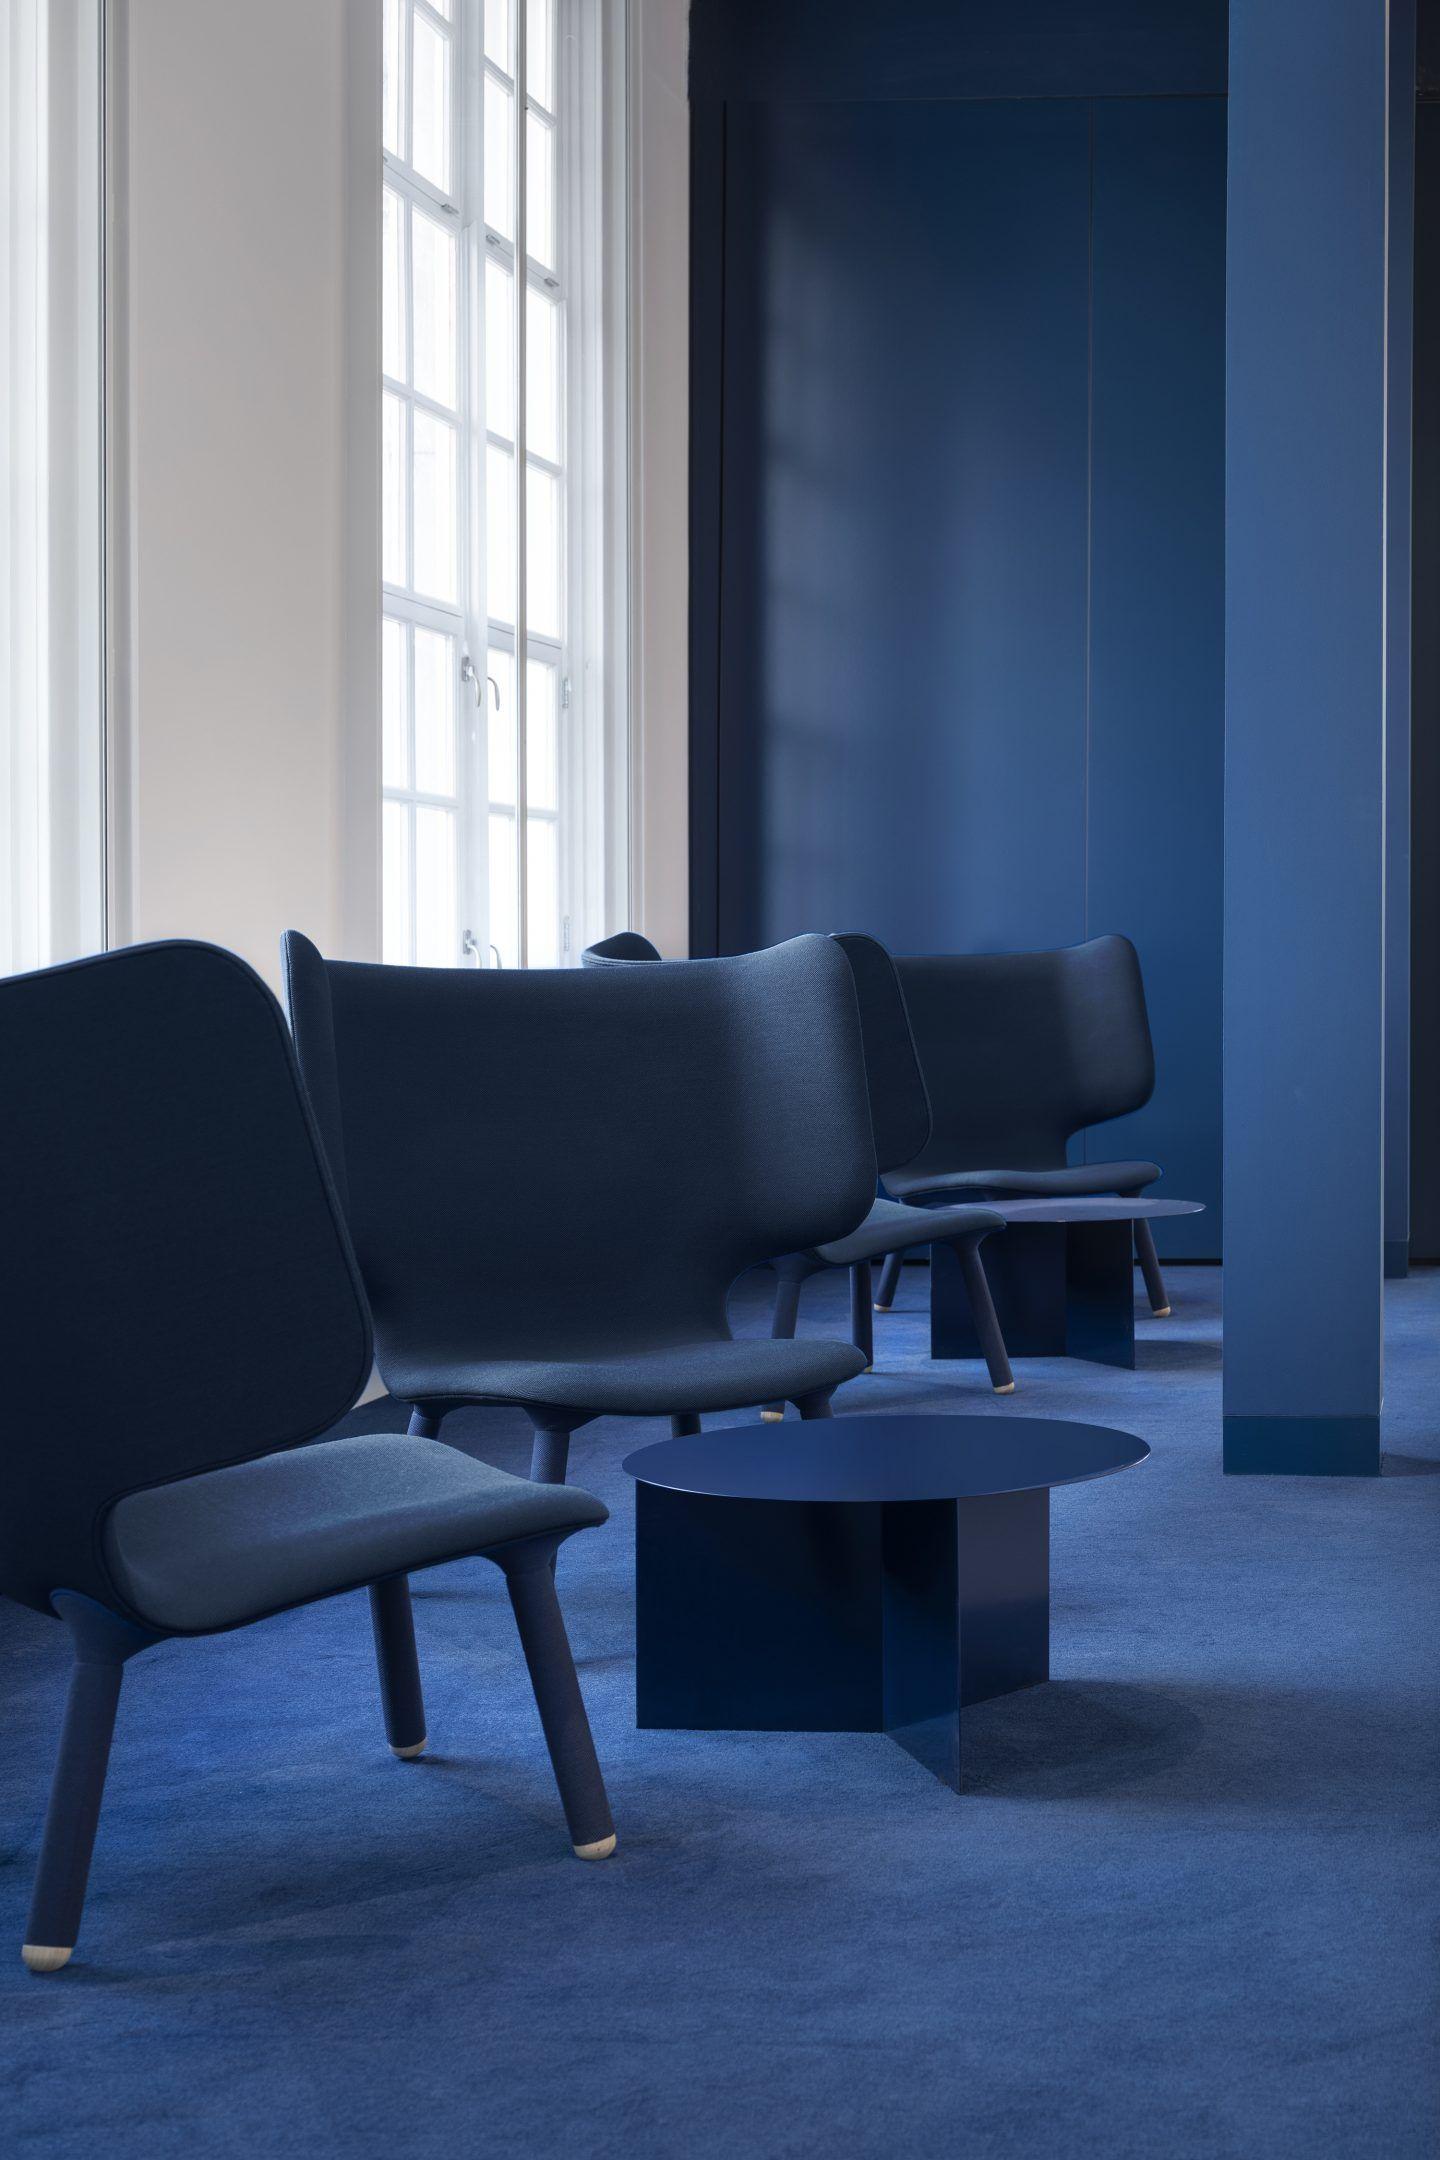 IGNANT-Design-FelixMeritis-18